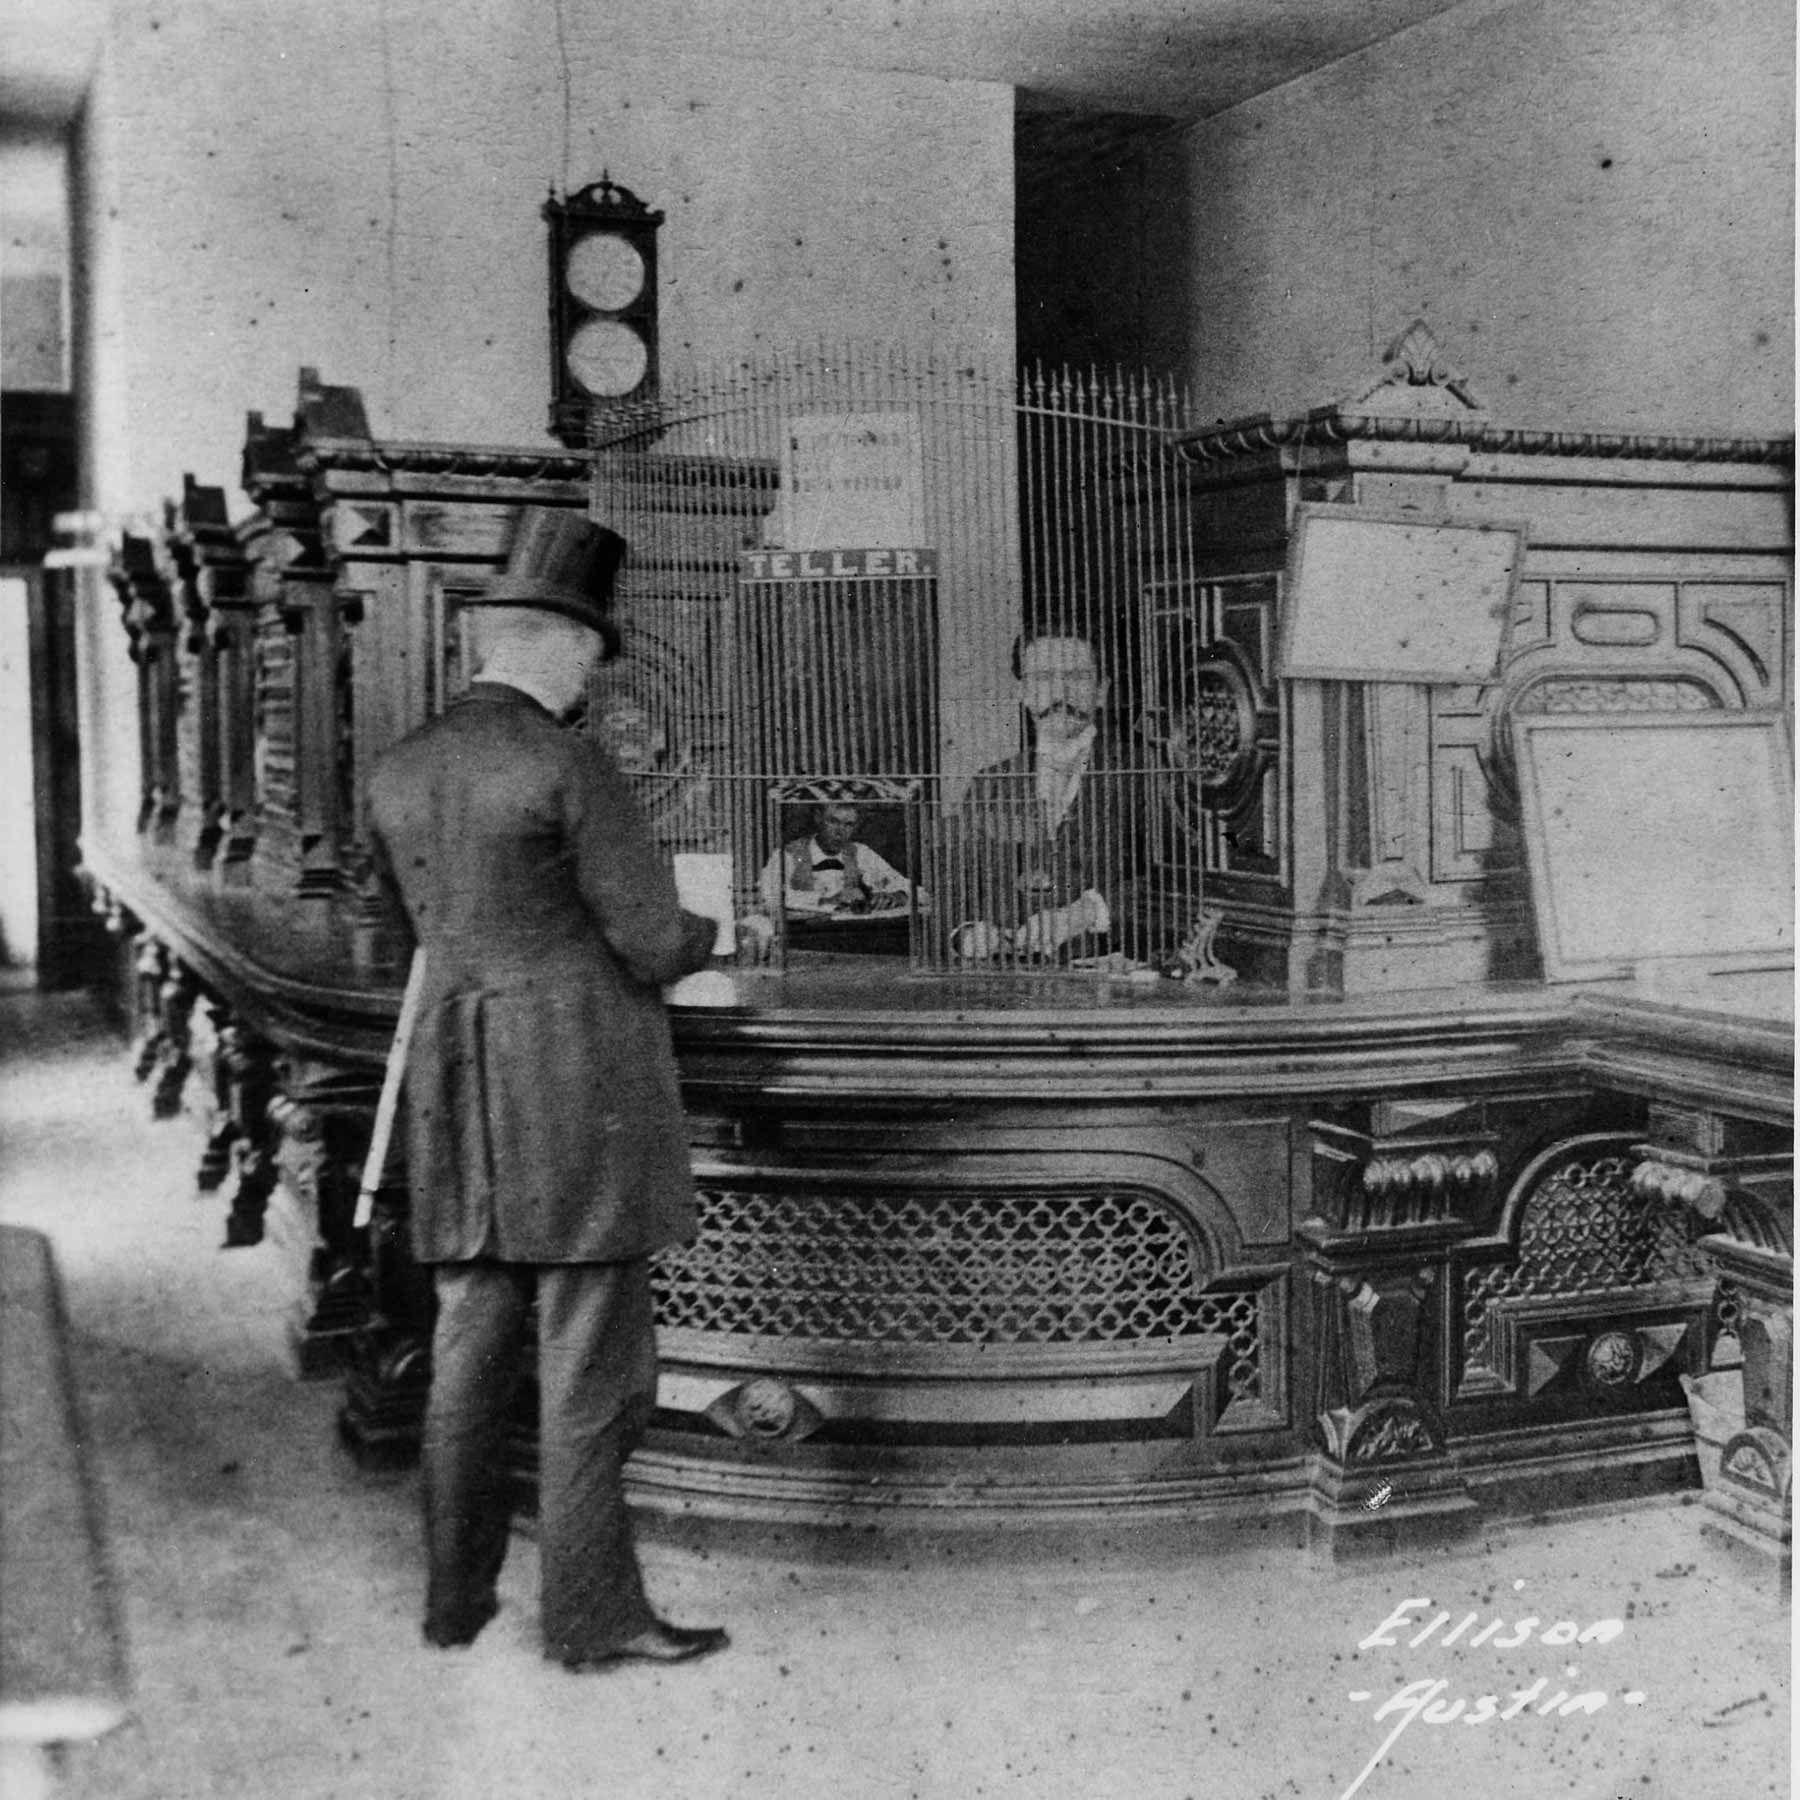 Уильям Сидни Портер (О. Генри) на работе в банке в 1892 году. Источник: wikipedia.org